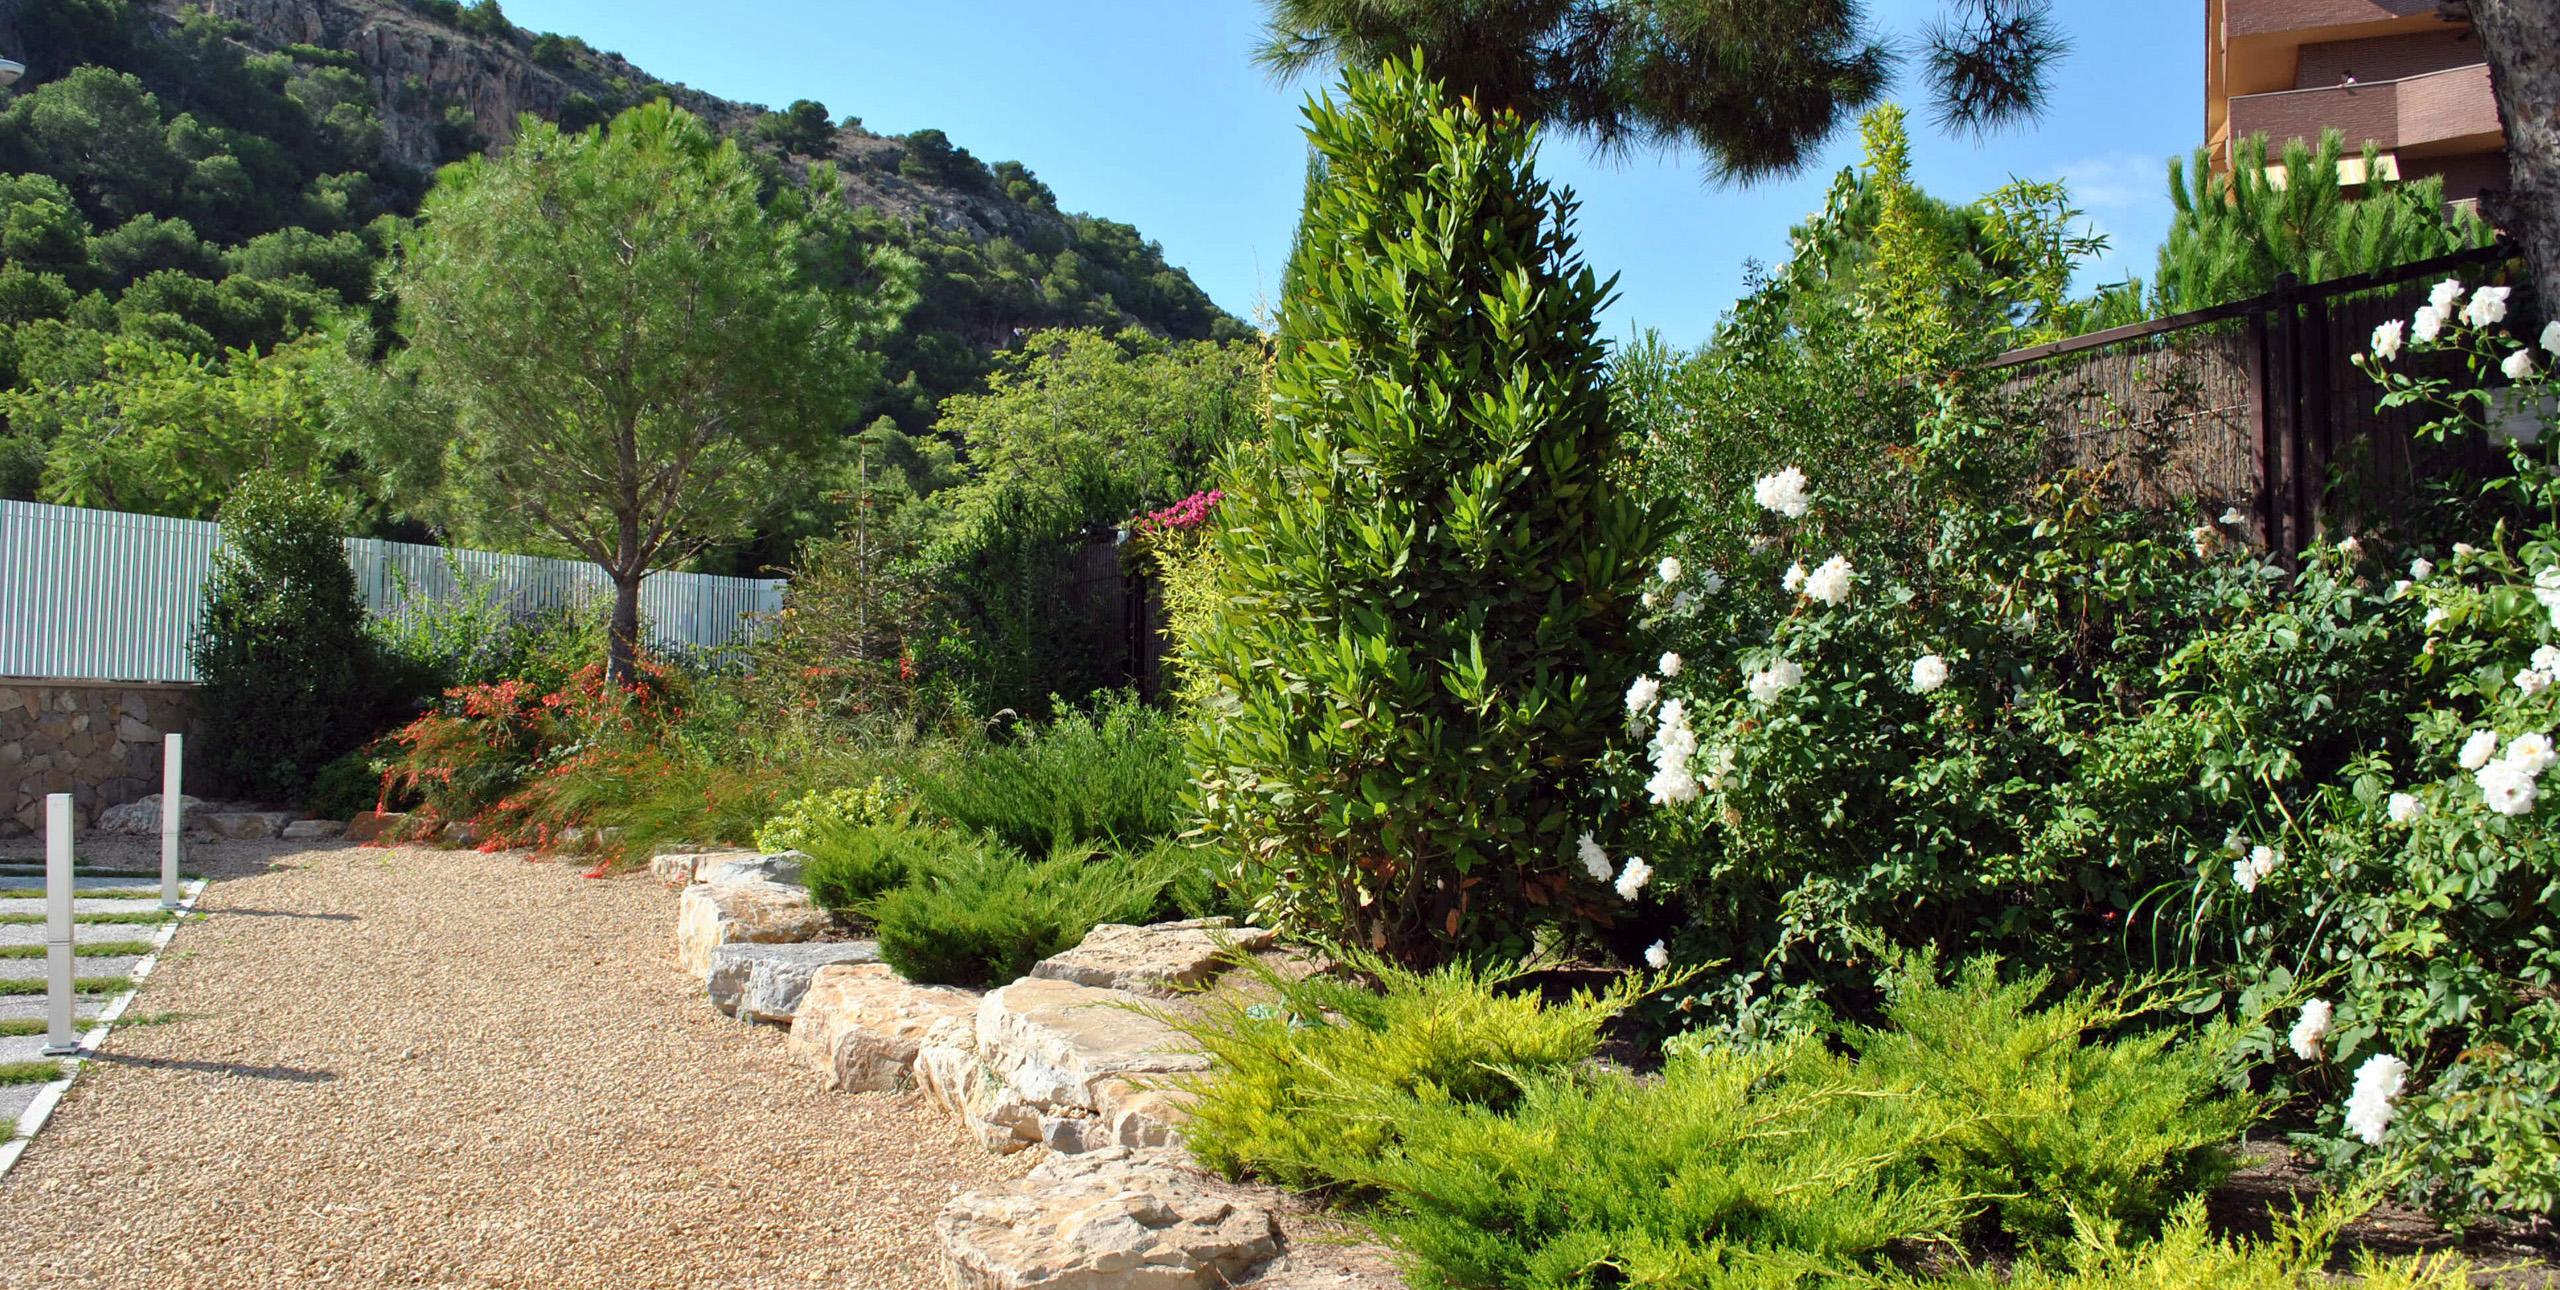 Paisajista de jardines uno de nuestros puntos ms fuertes for Paisajismo jardines fotos